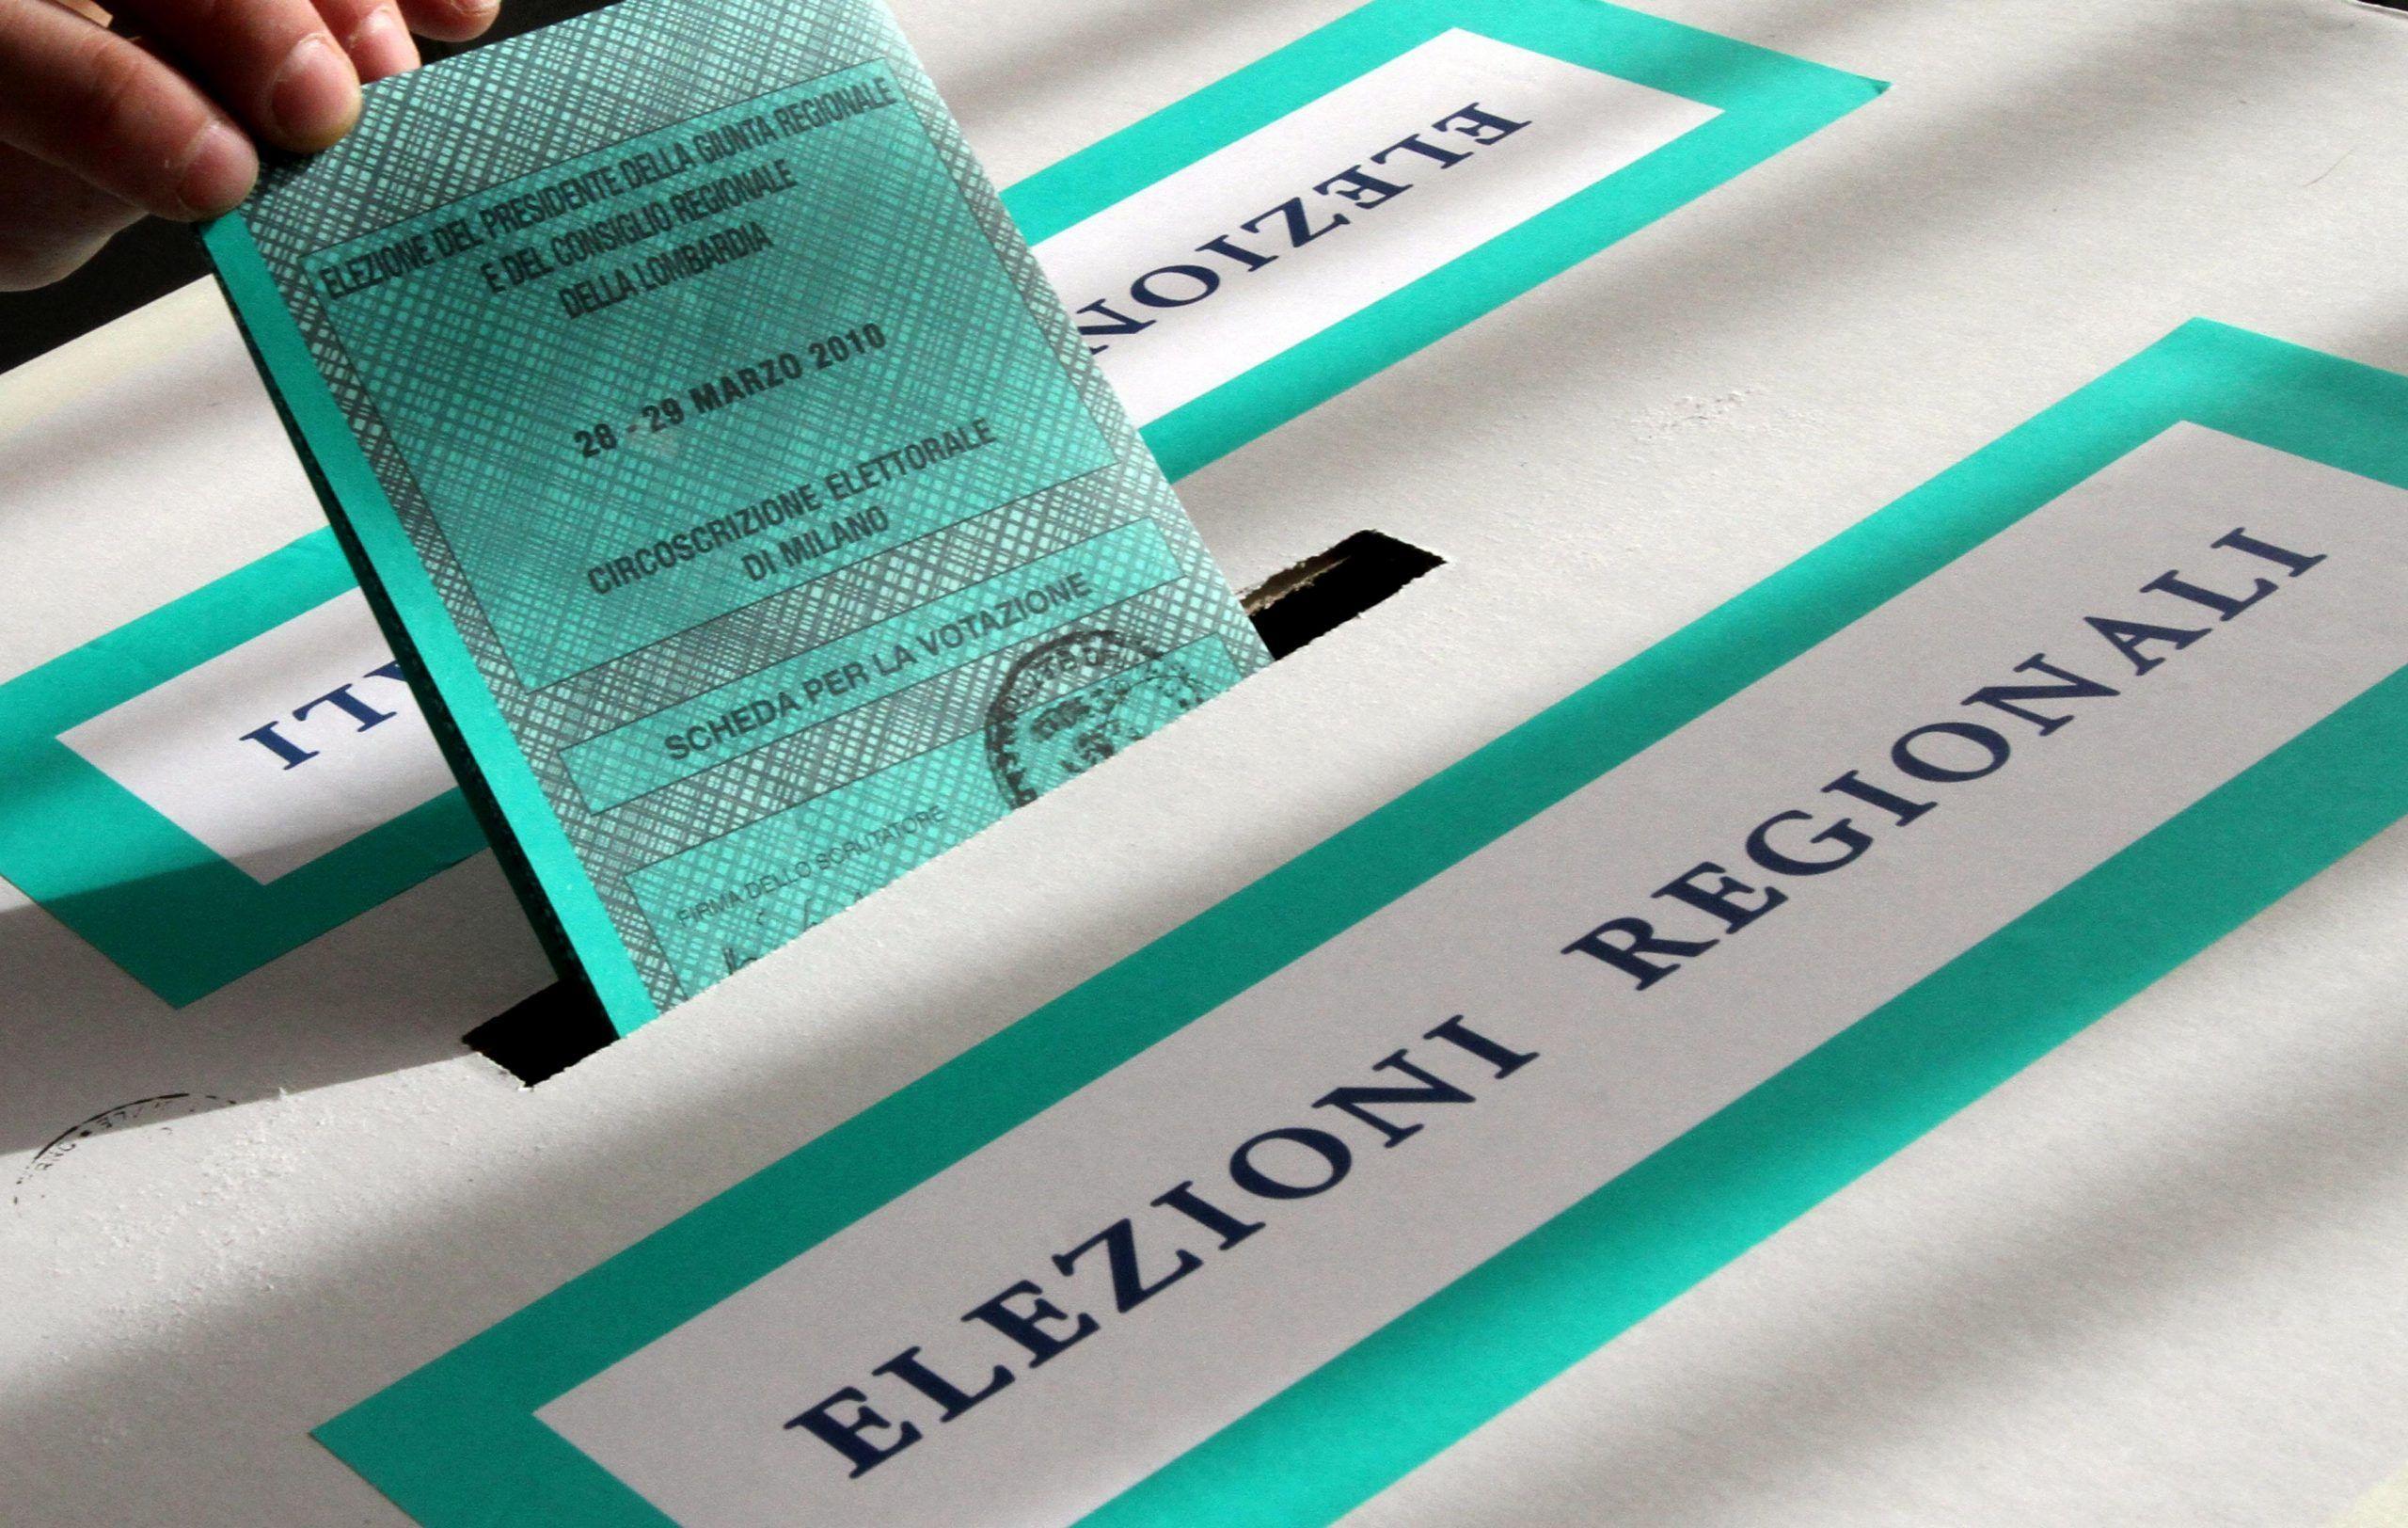 Elezioni Regionali 2018 in Lazio: date, candidati e come si vota